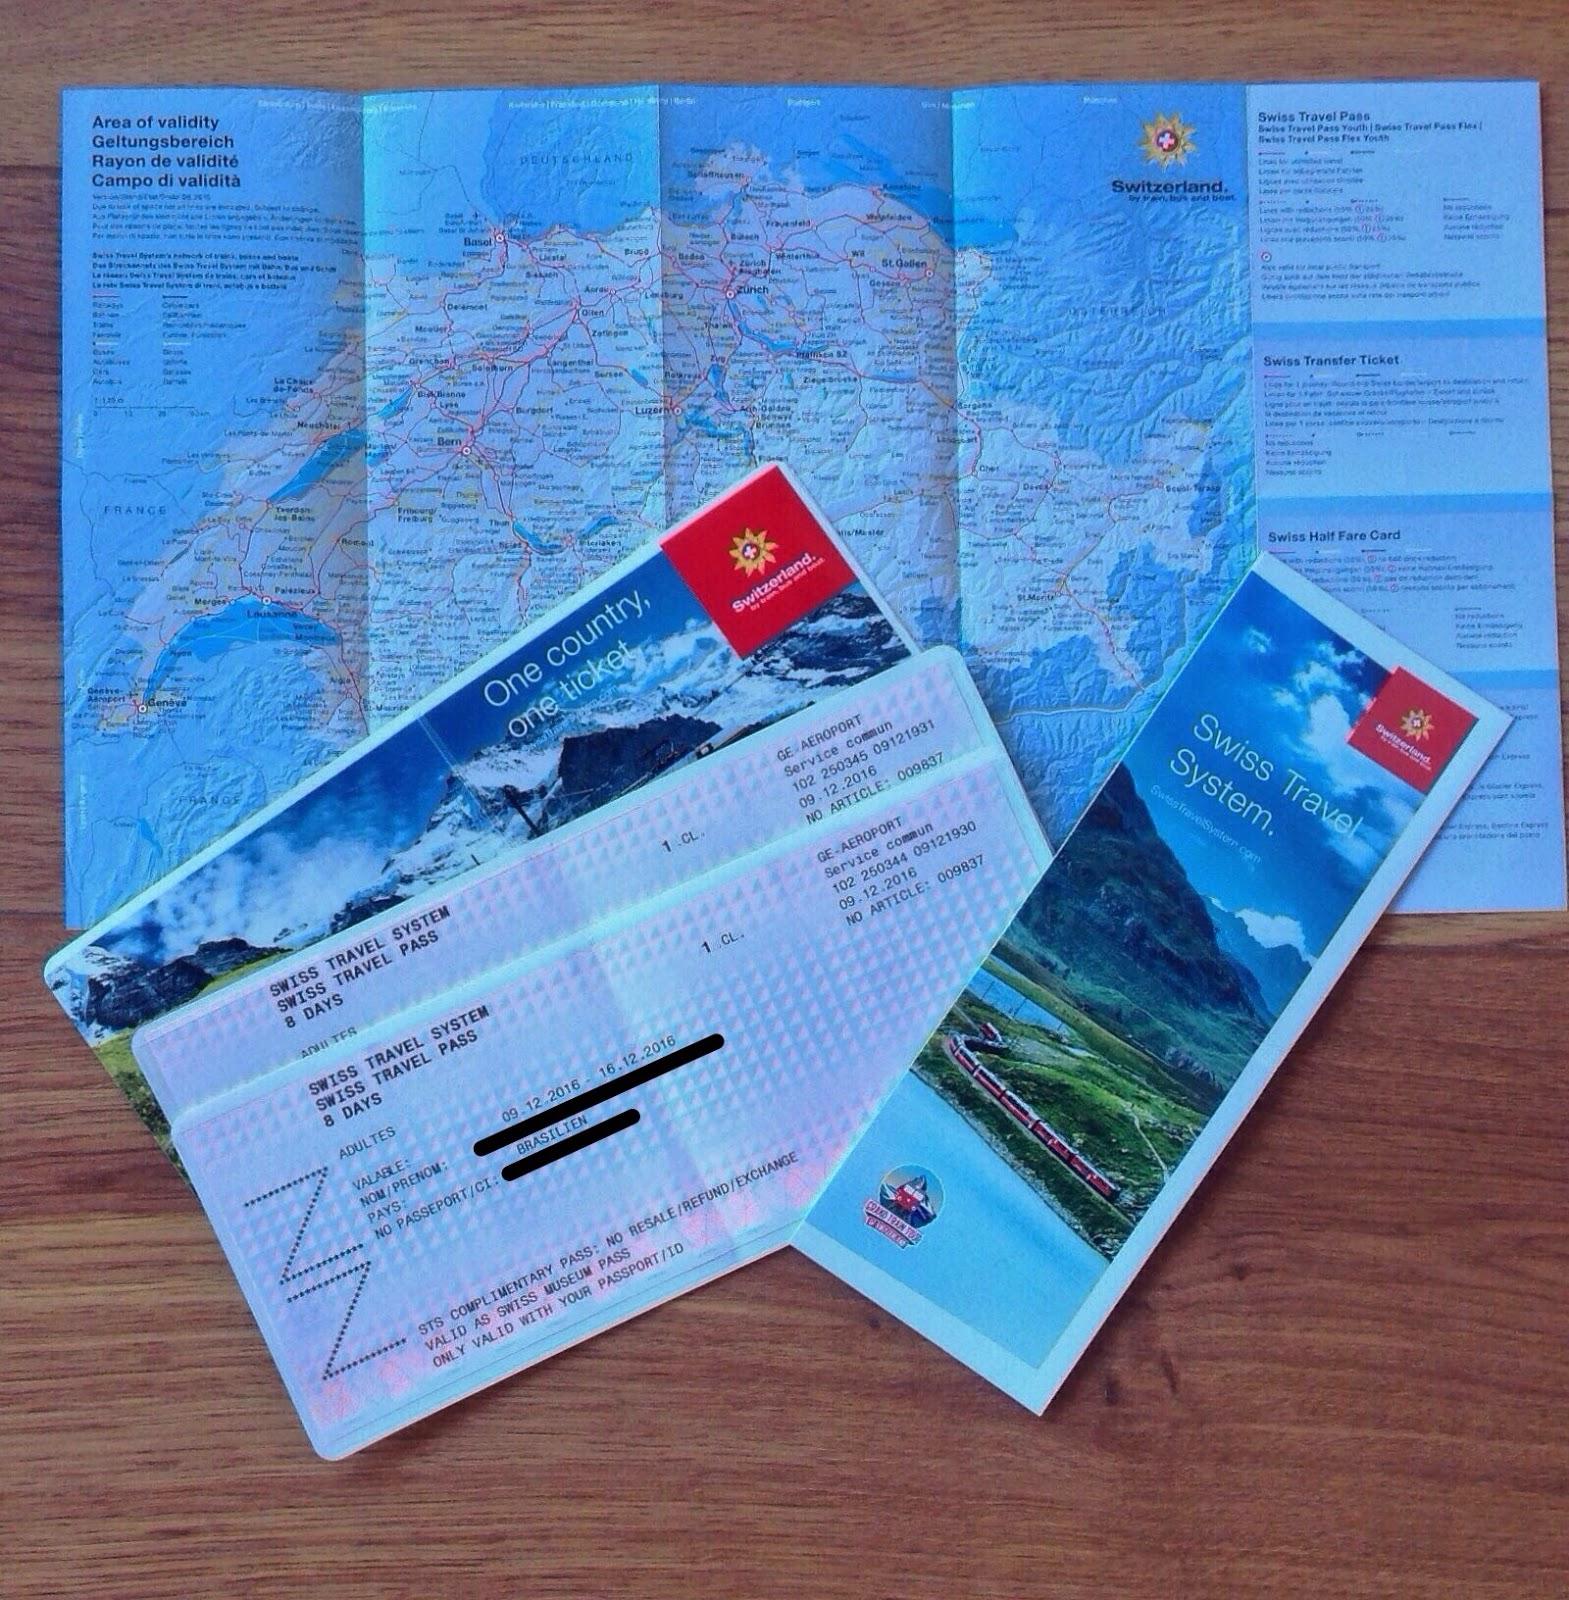 Swiss Travel Pass-roteiro Suíça  8 dias